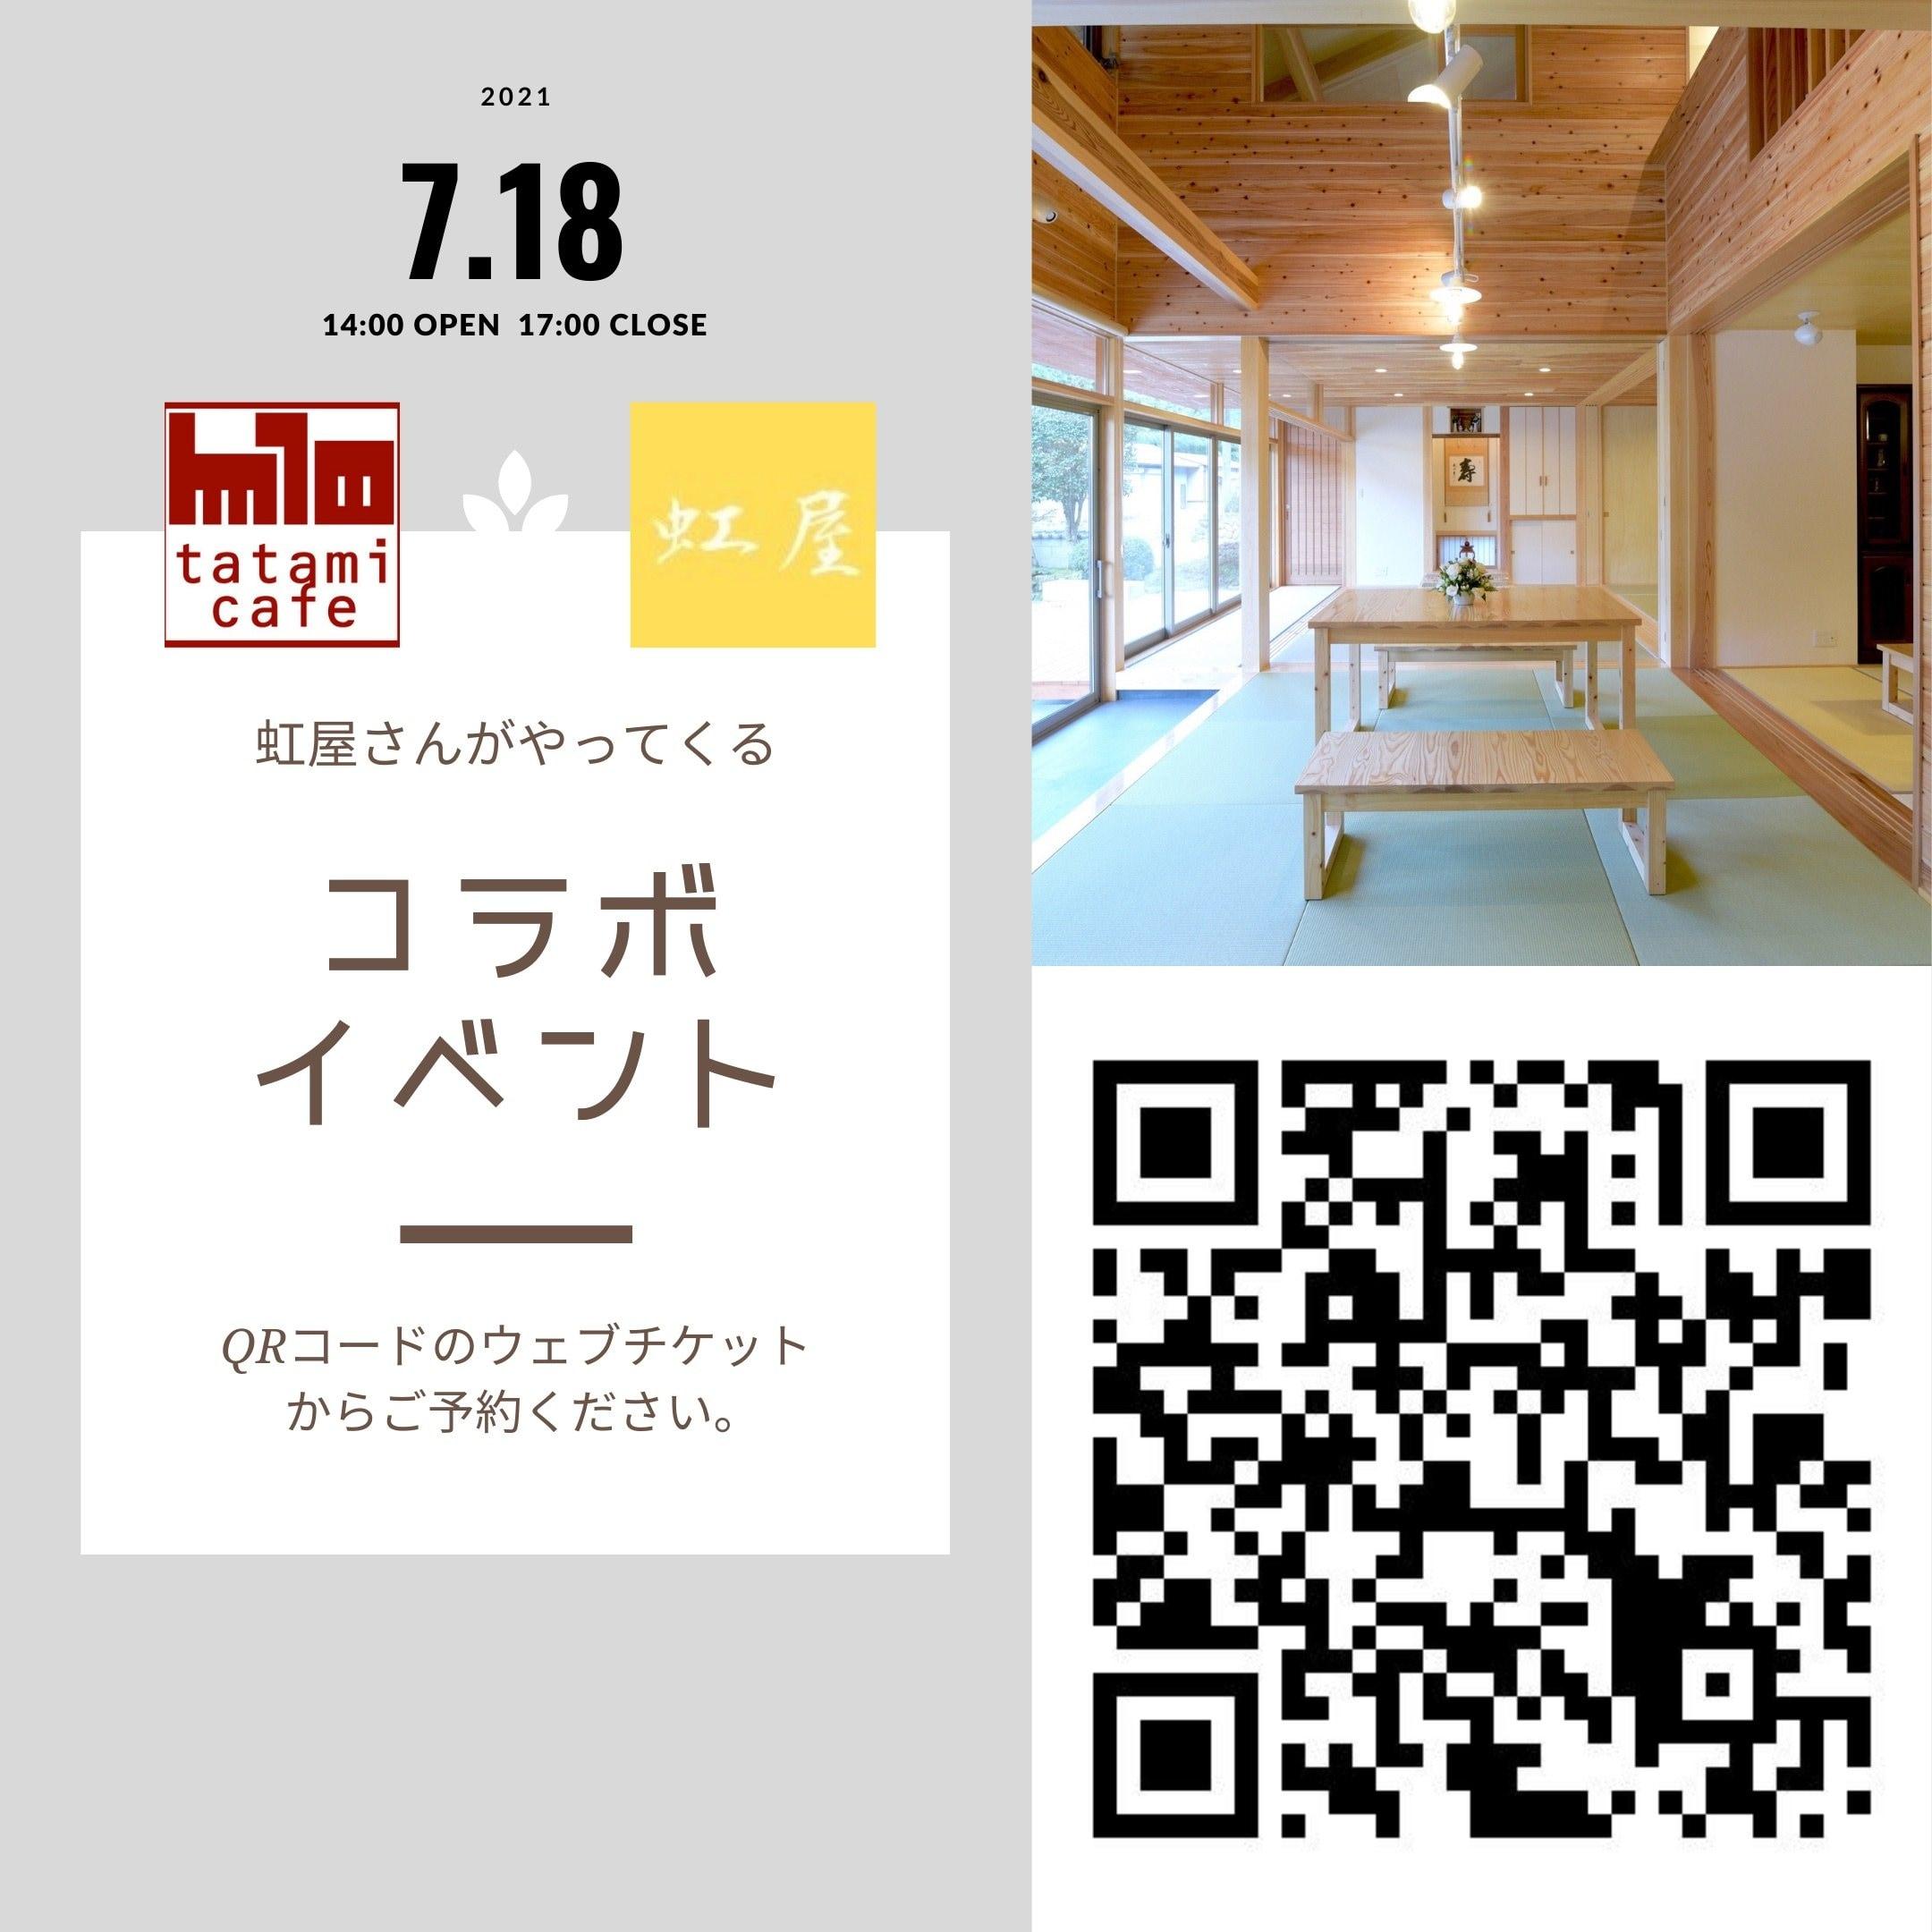 7.18 虹屋さんとコラボイベントin畳カフェ(ご予約チケット)のイメージその1